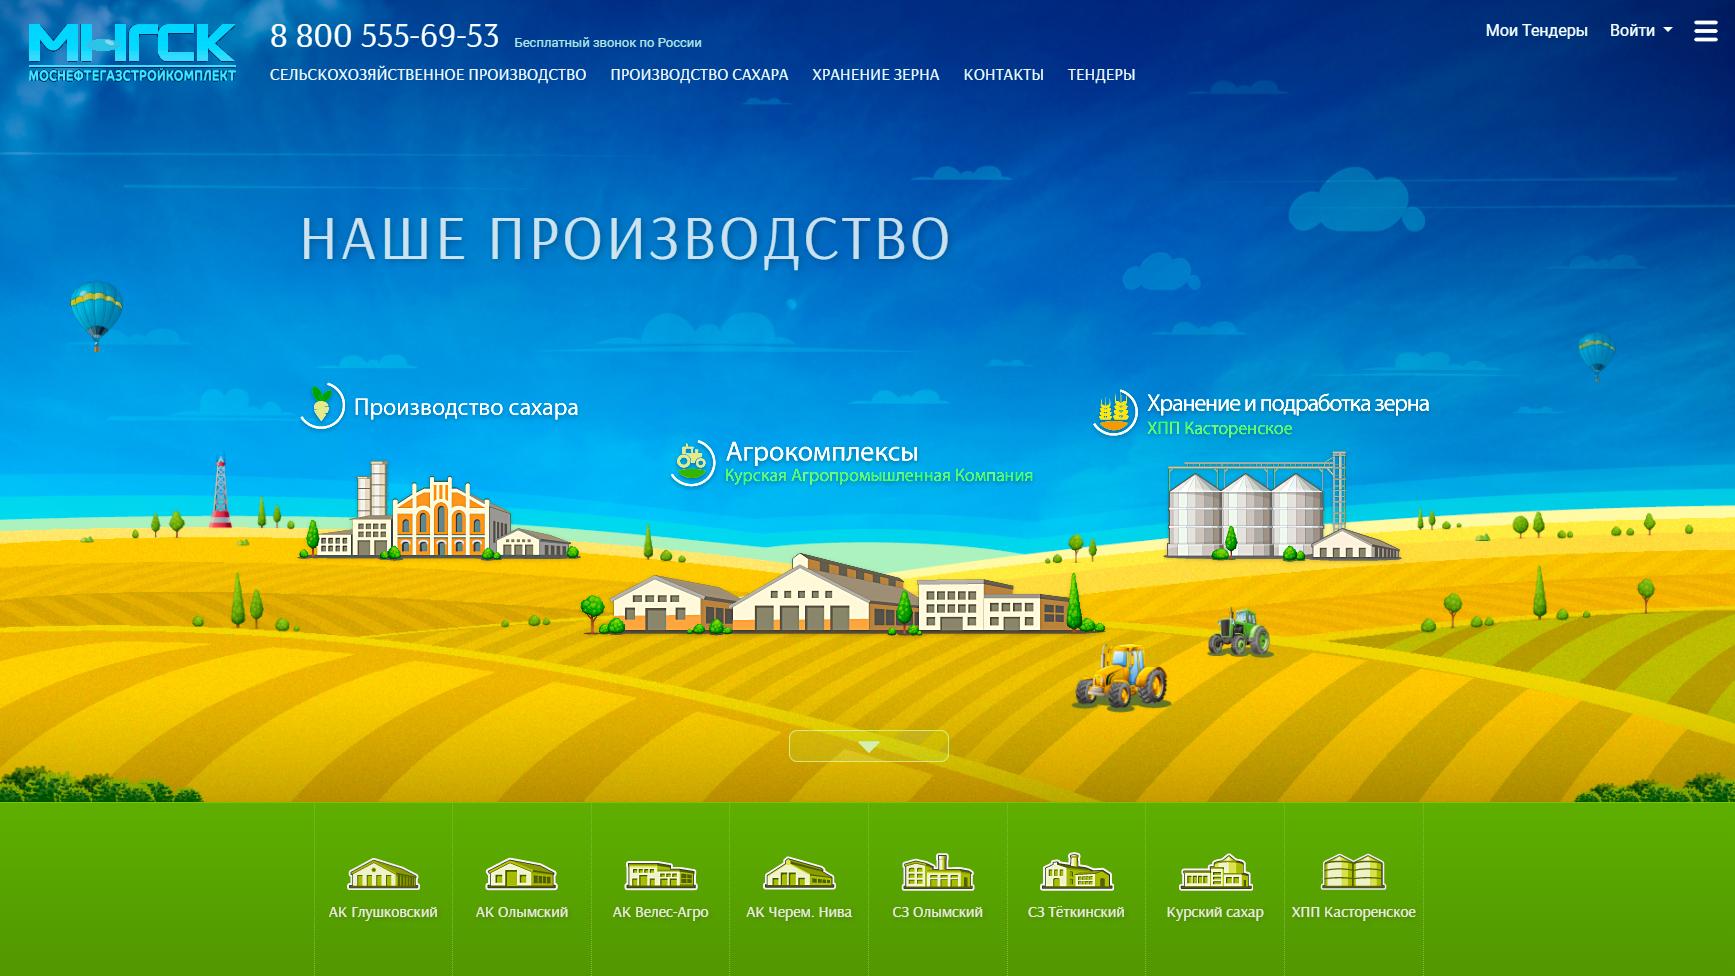 Иллюстрация для сайта агропромышленной компании